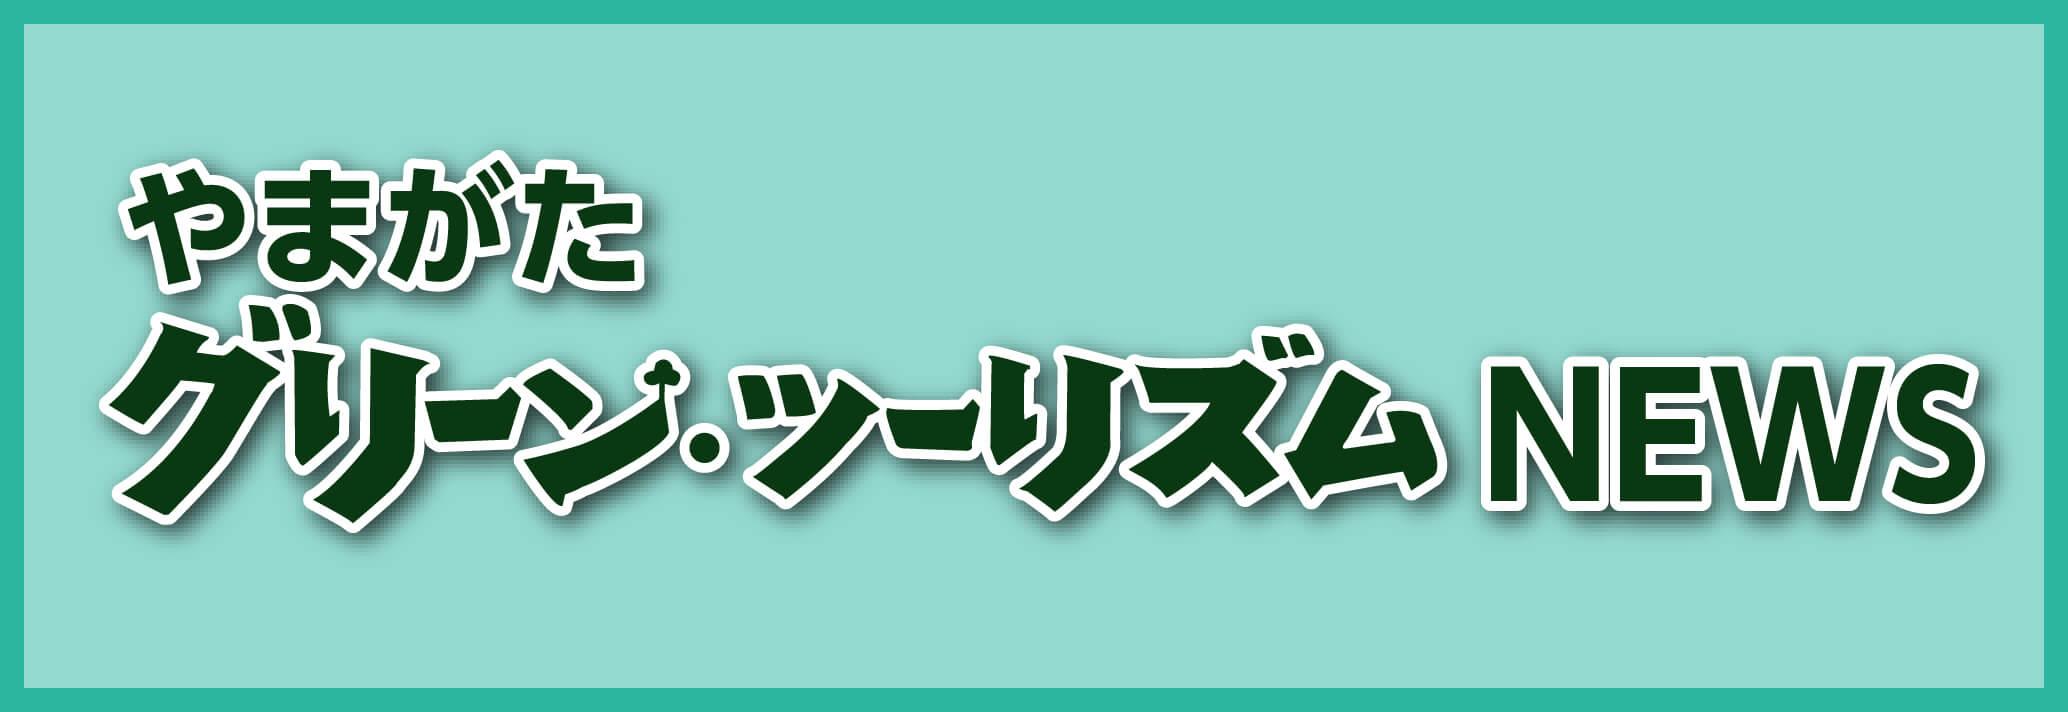 グリーン・ツーリズム NEWS